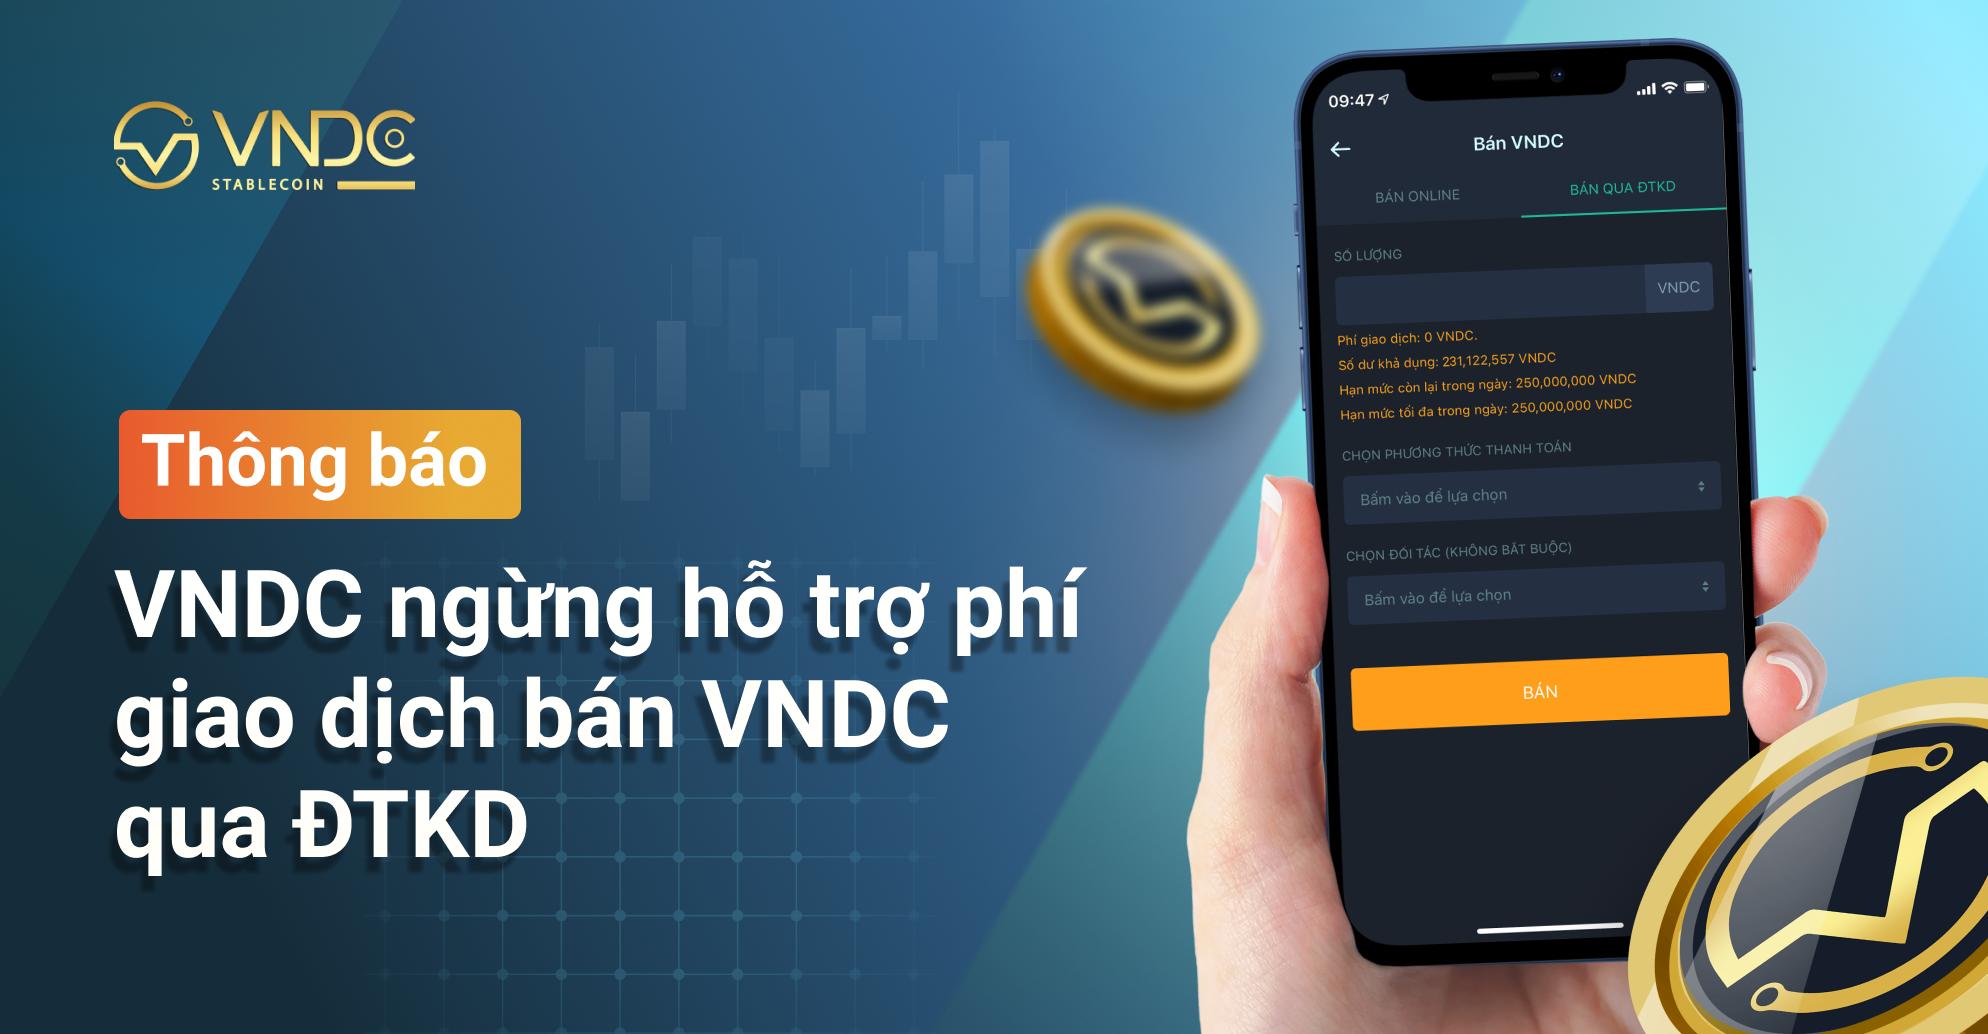 Thông báo: VNDC ngừng hỗ trợ phí giao dịch bán VNDC qua ĐTKD